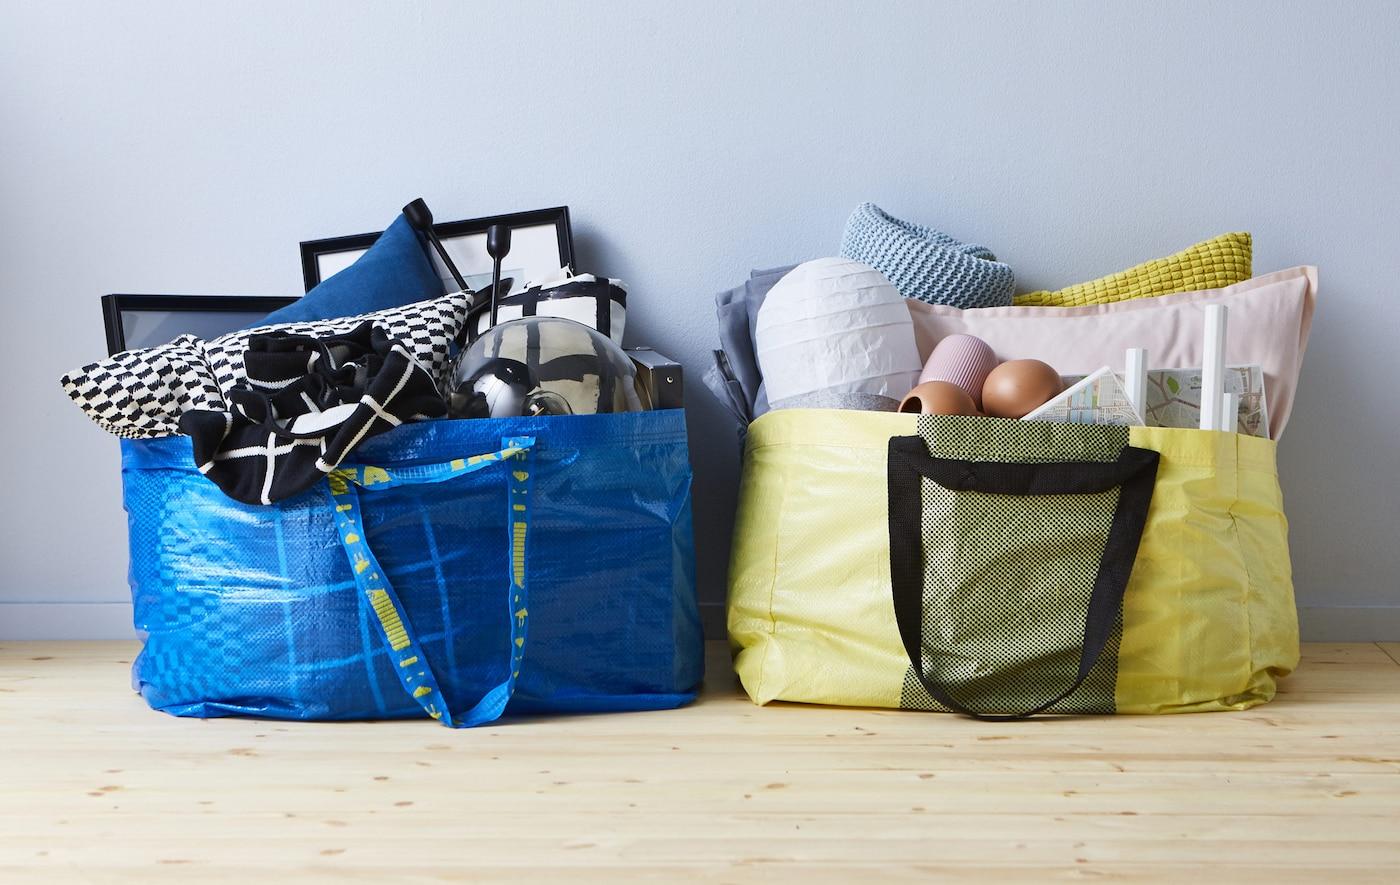 IKEA Bietet Wohnzimmerdekor Für Wenig Geld Und Es Passt Wunderbar In Eine  YPPERLIG Oder FRAKTA Tasche